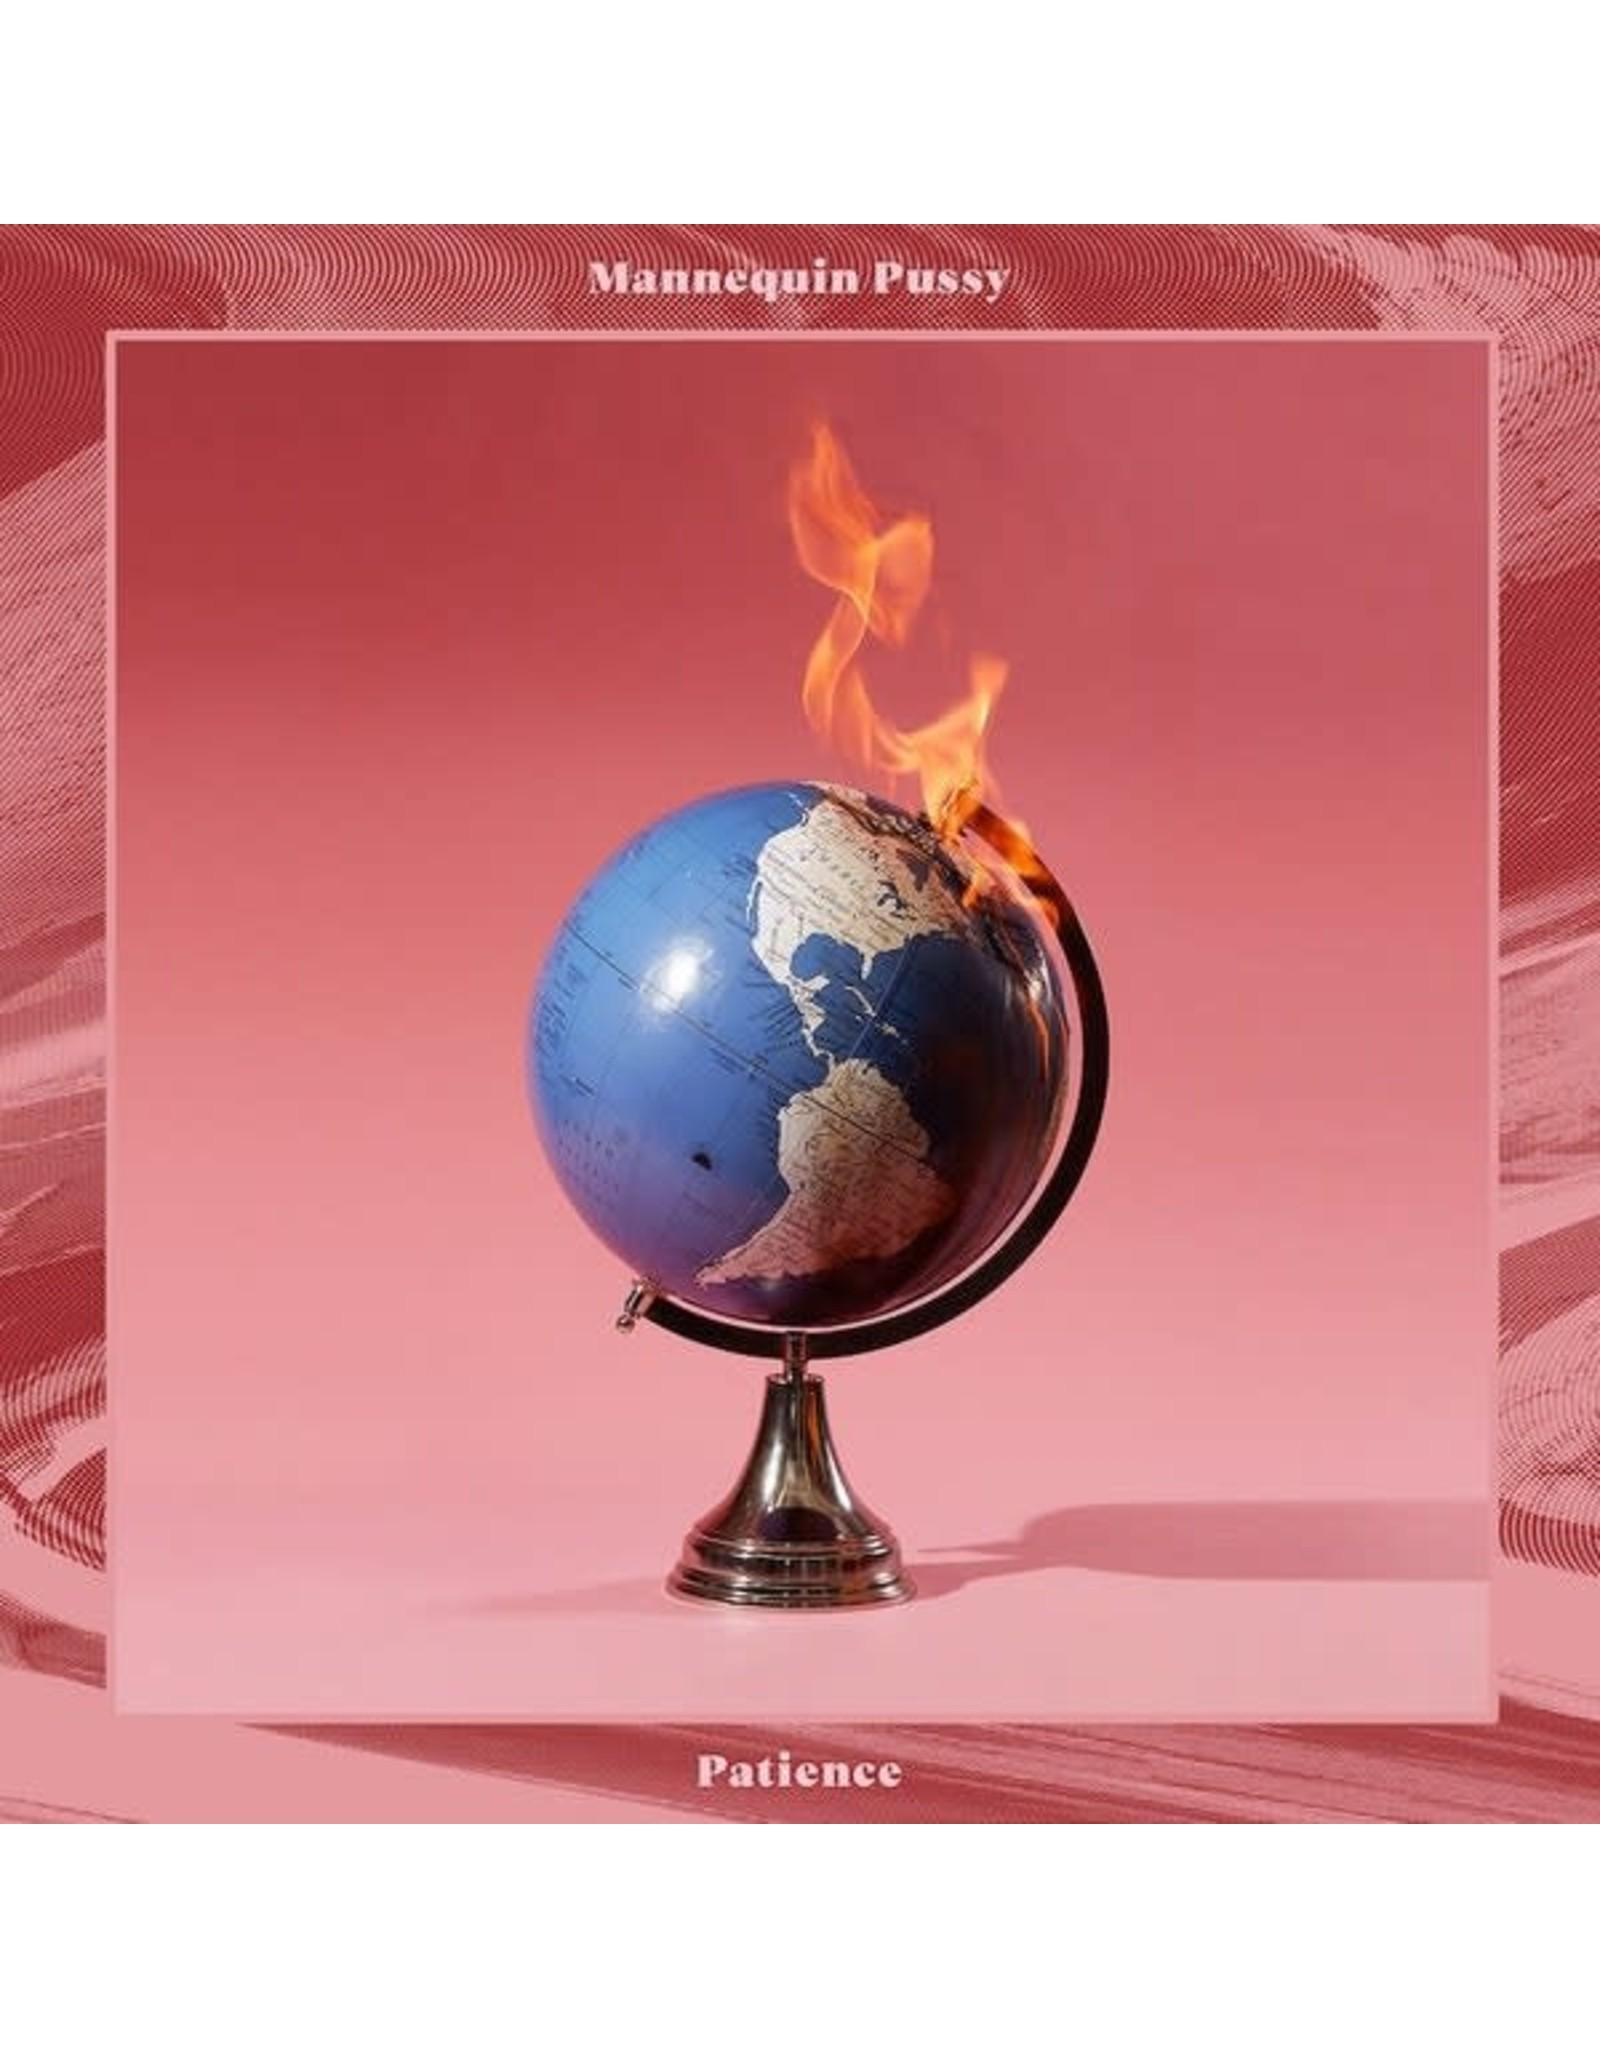 Mannequin Pussy - Patience LP